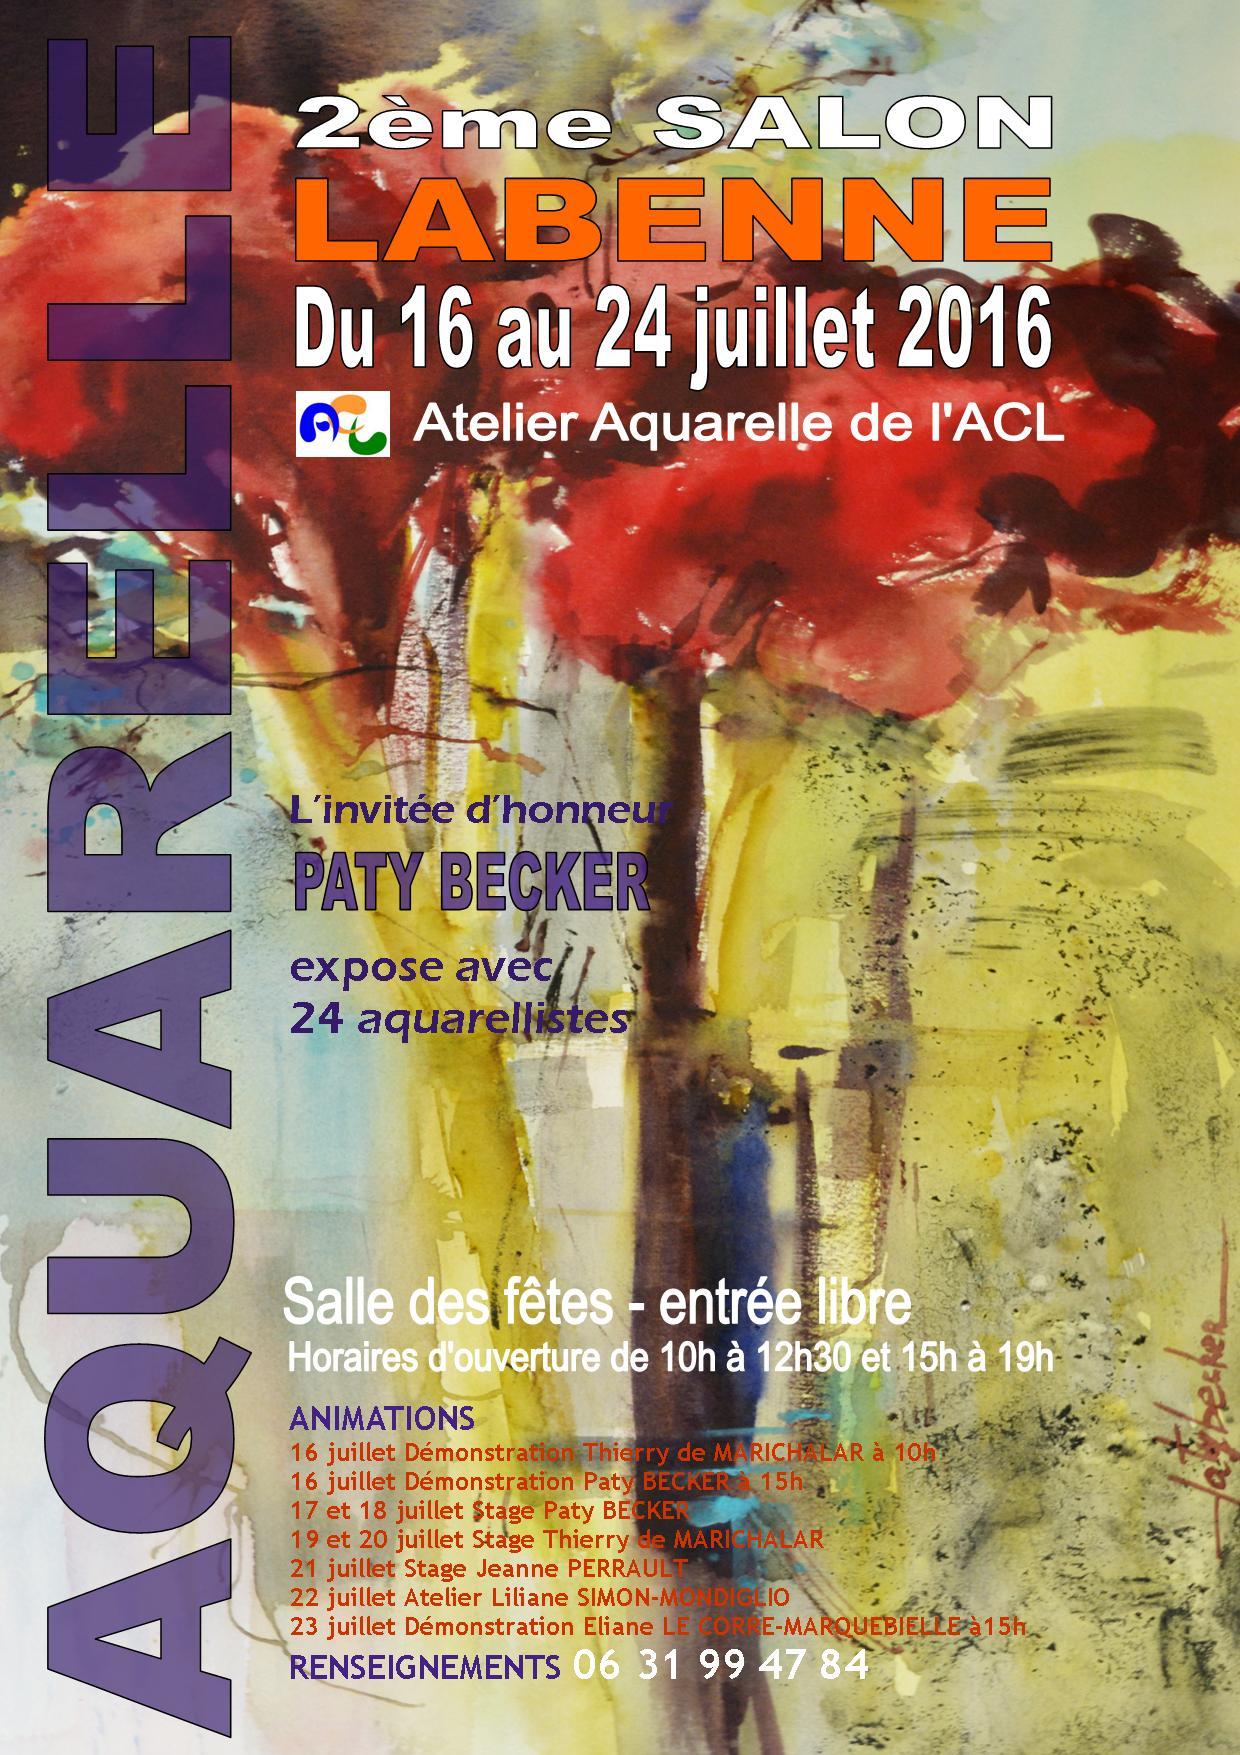 affiche 2ème salon aquarelle Labenne.jpg